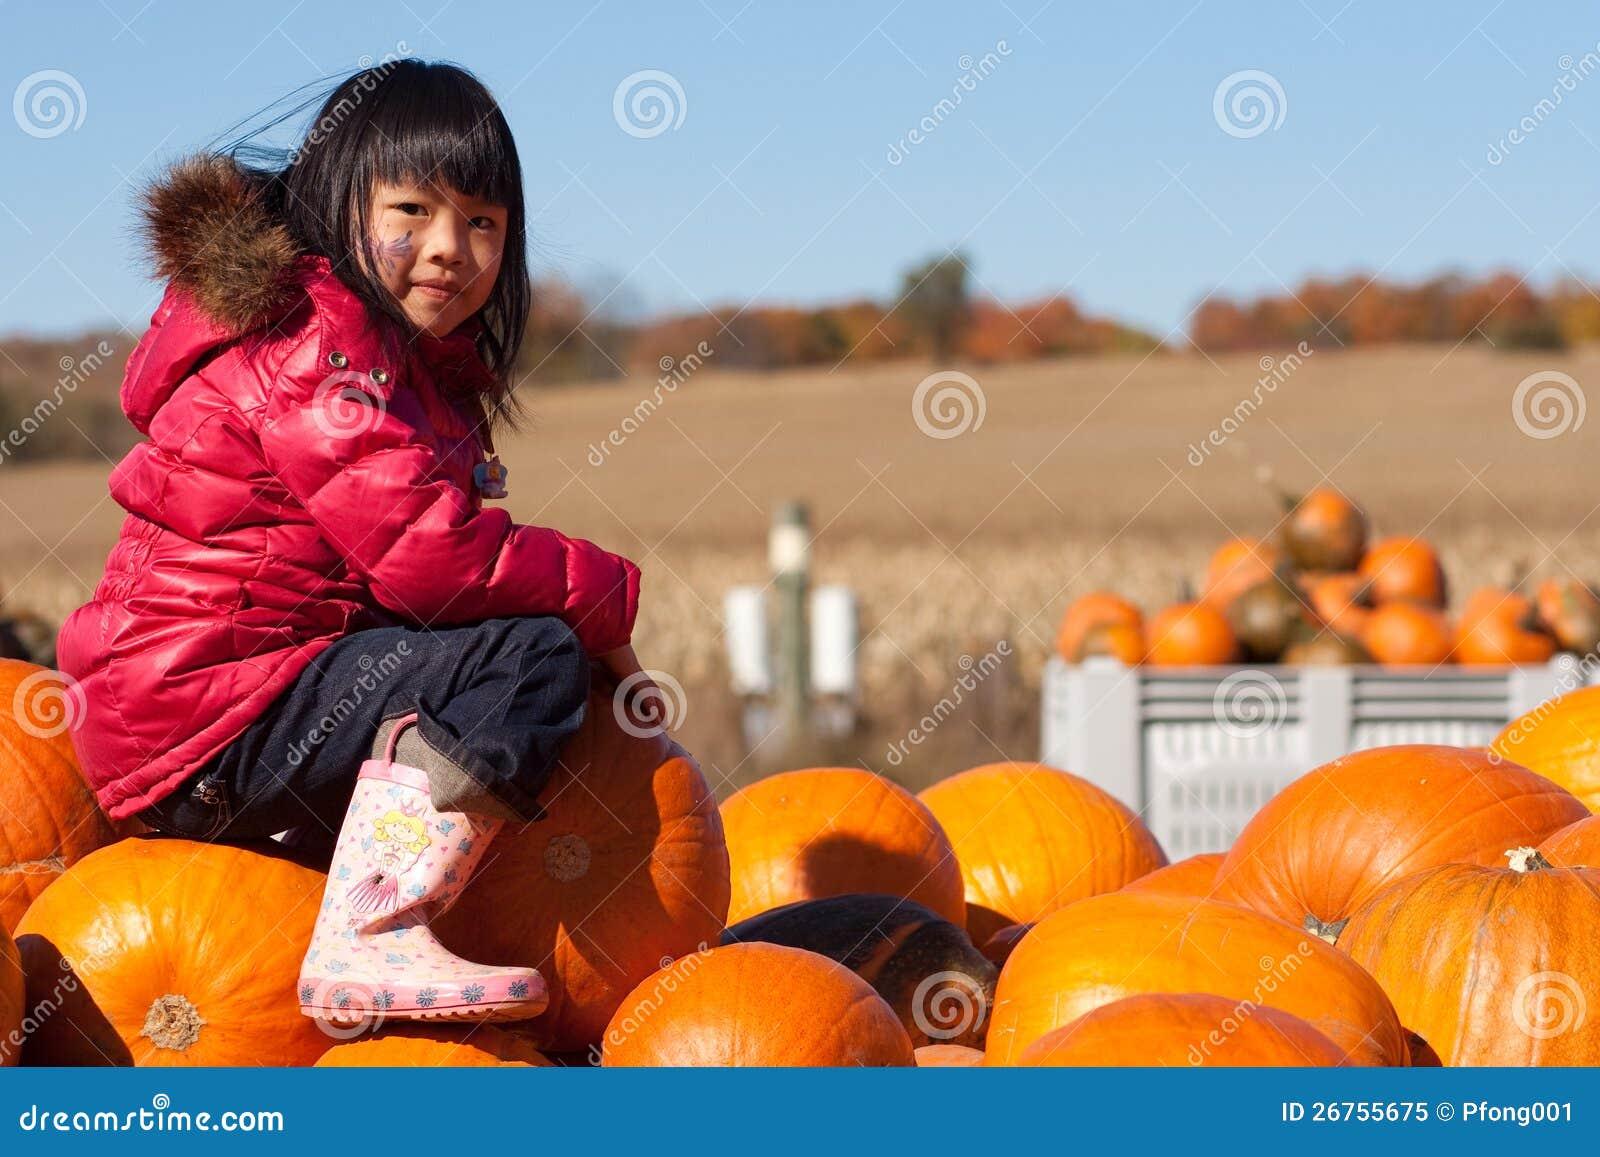 Girl Pumpkin Patch